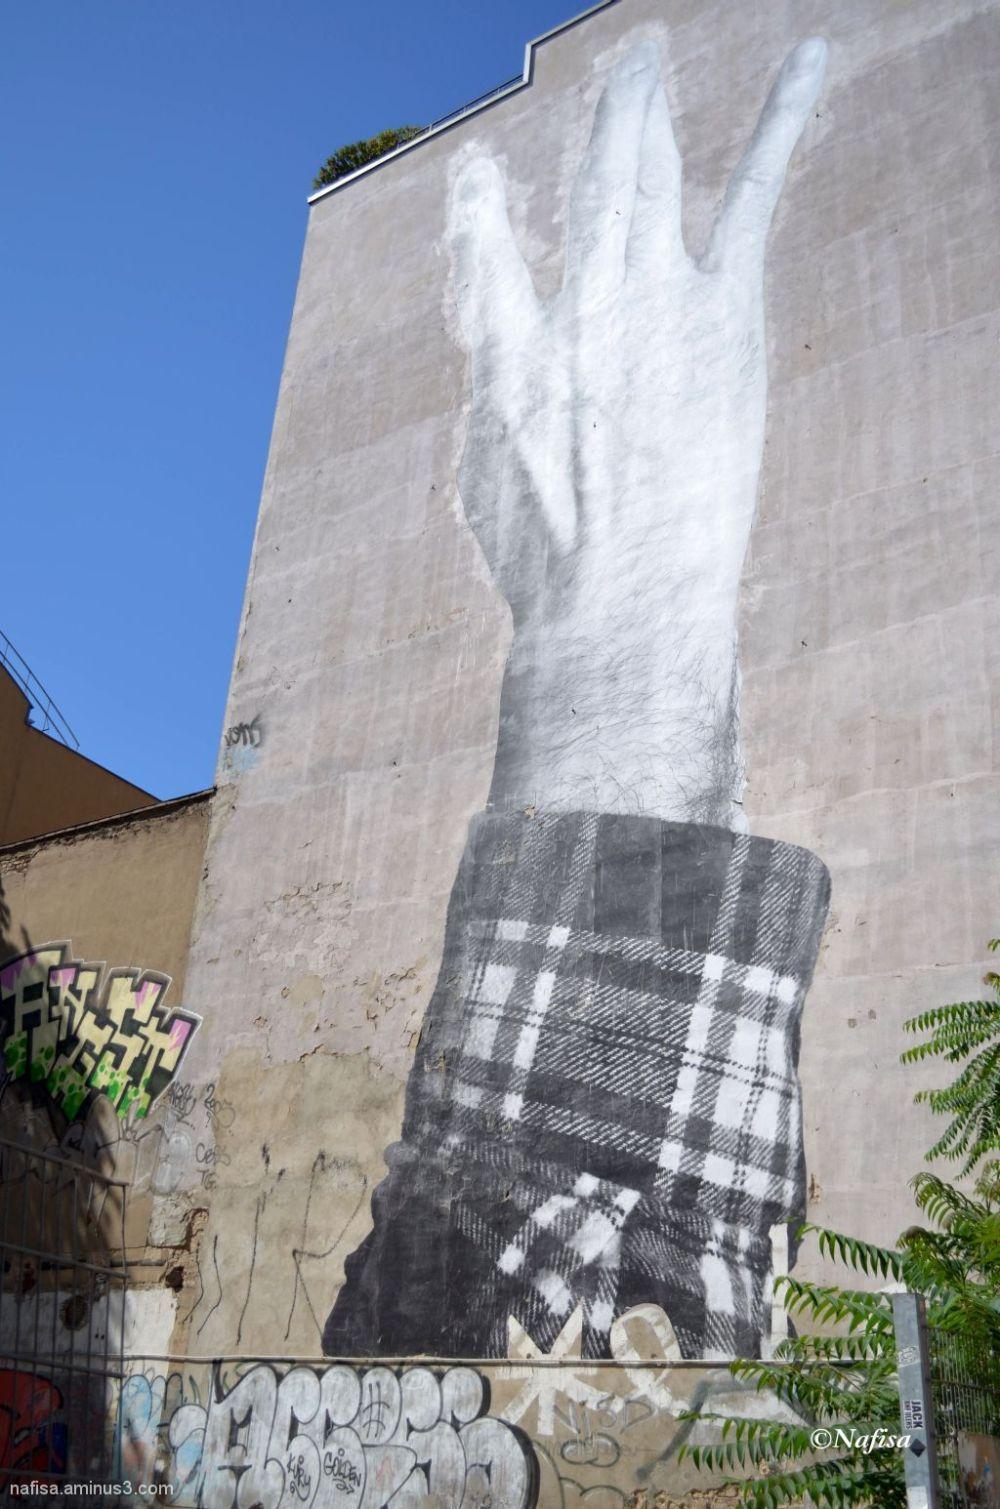 graffiti @ Berlin